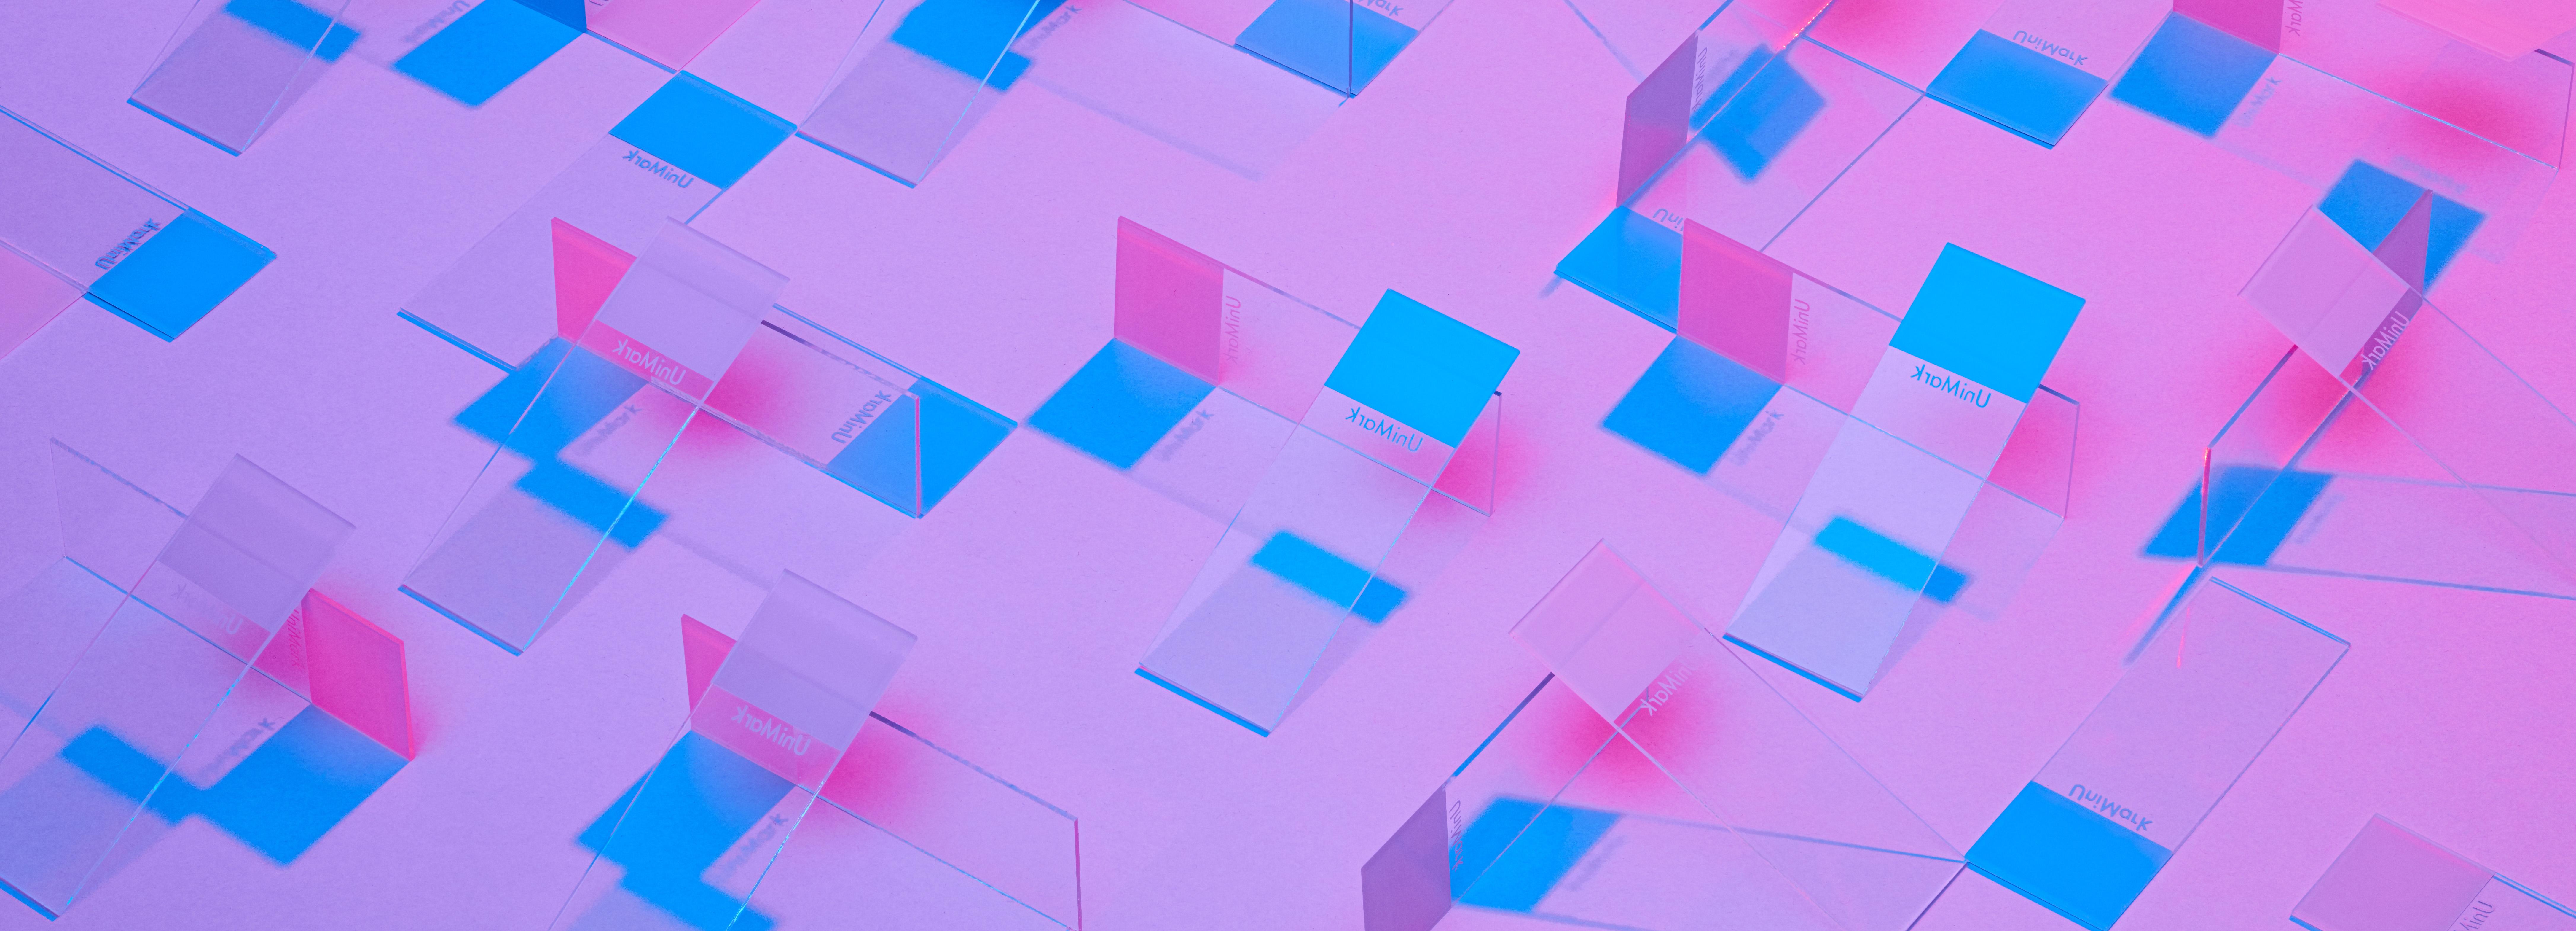 Abstract visual interpretation of data